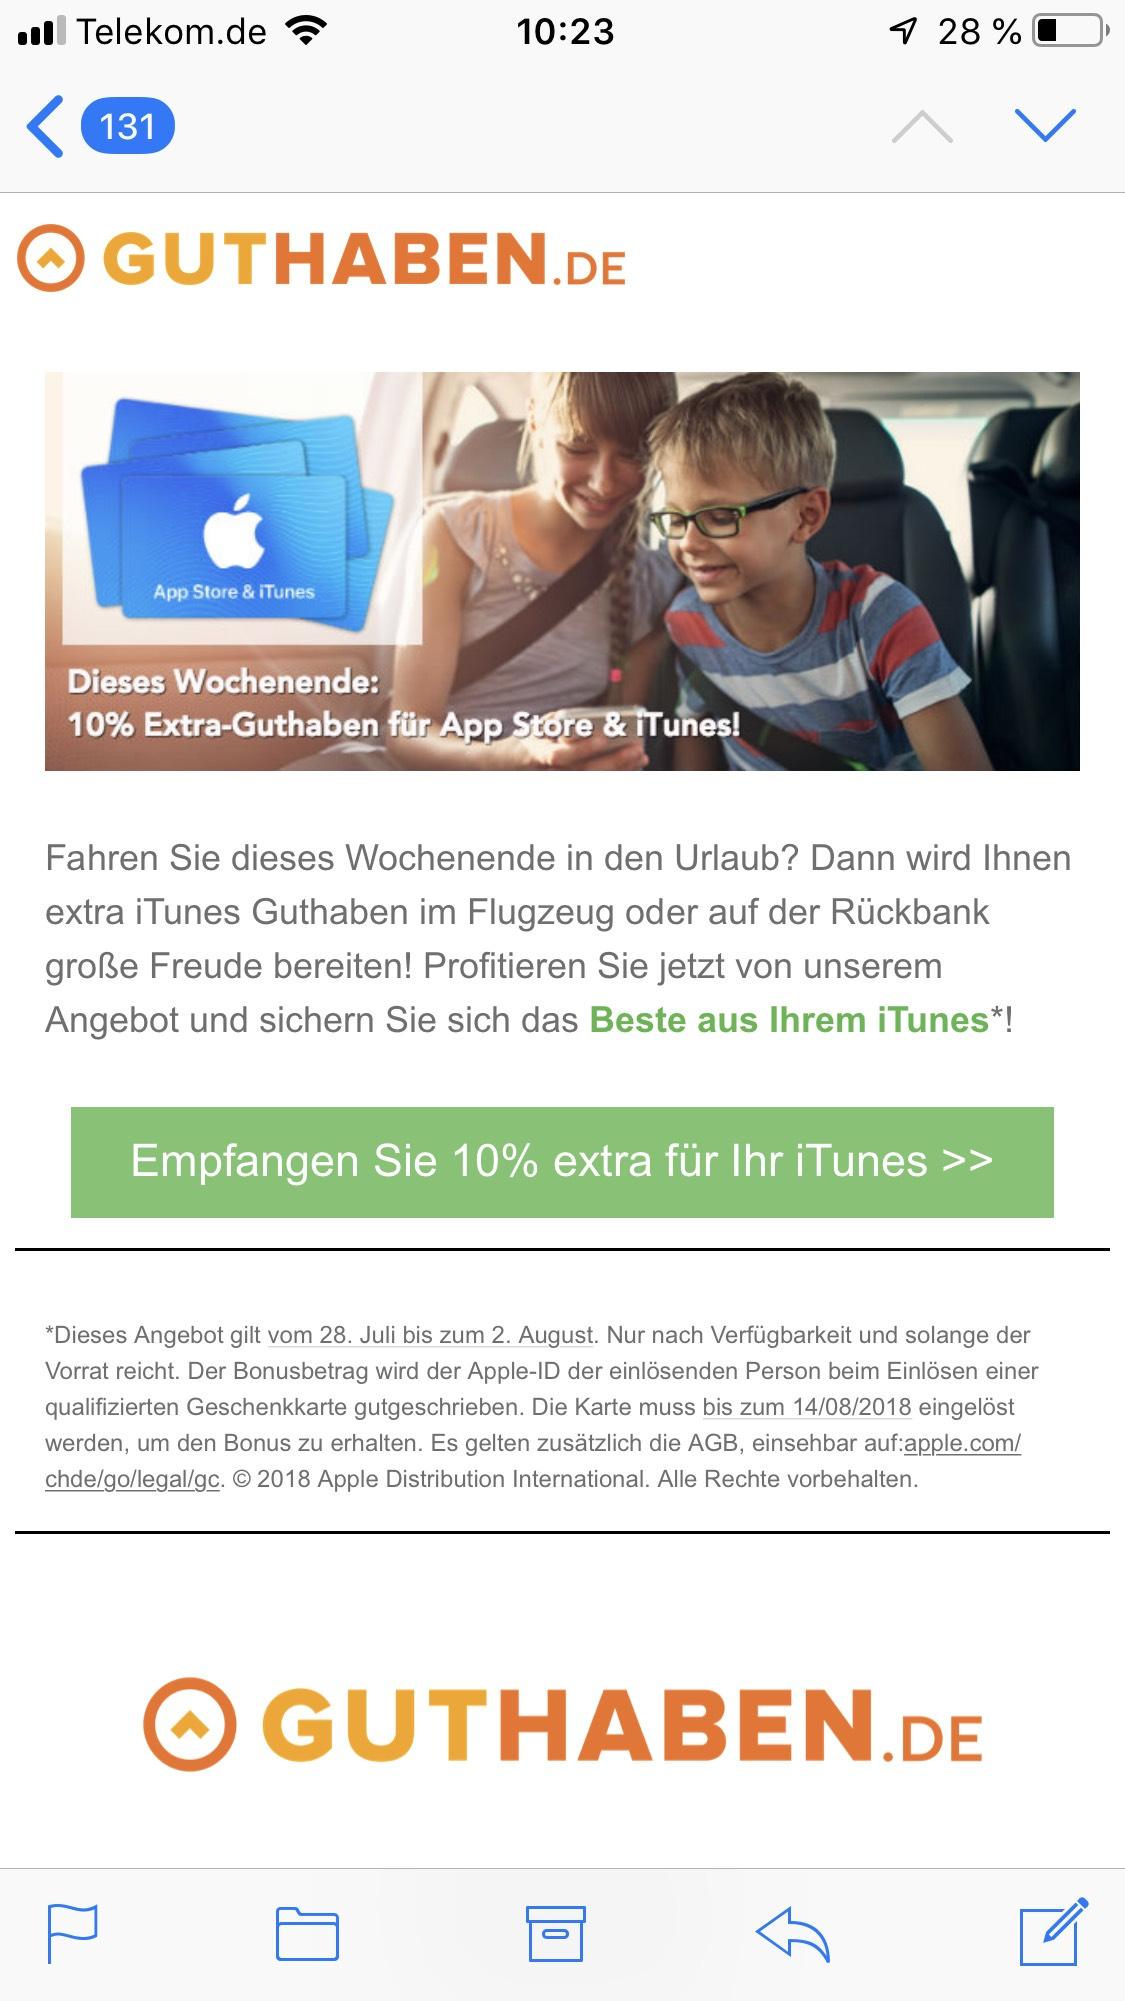 iTunes 10% extra Guthaben ab 25€ bei Guthaben.de